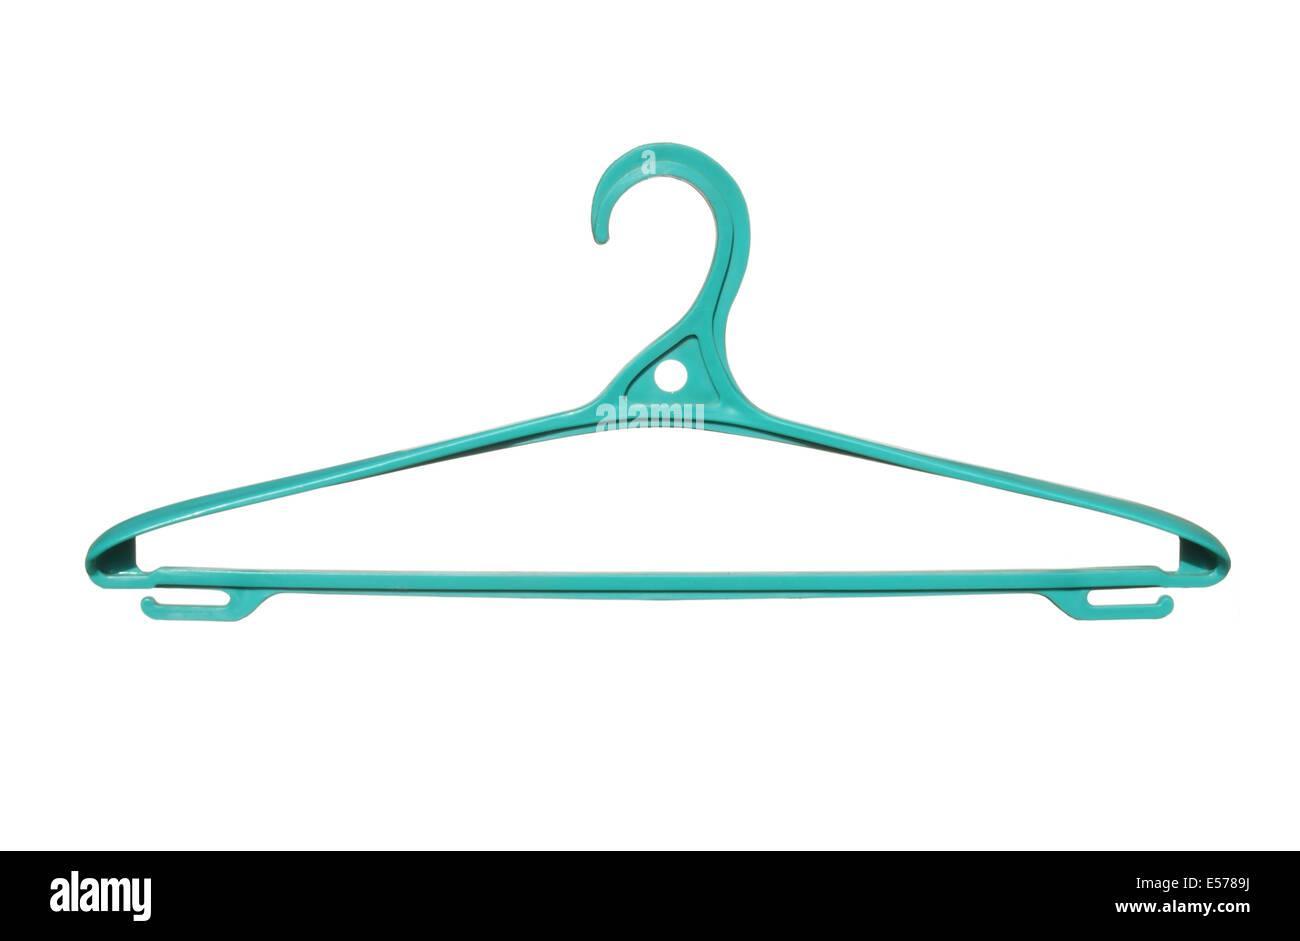 Kunststoff Kleiderbügel grün isoliert auf weißem Hintergrund. Stockfoto